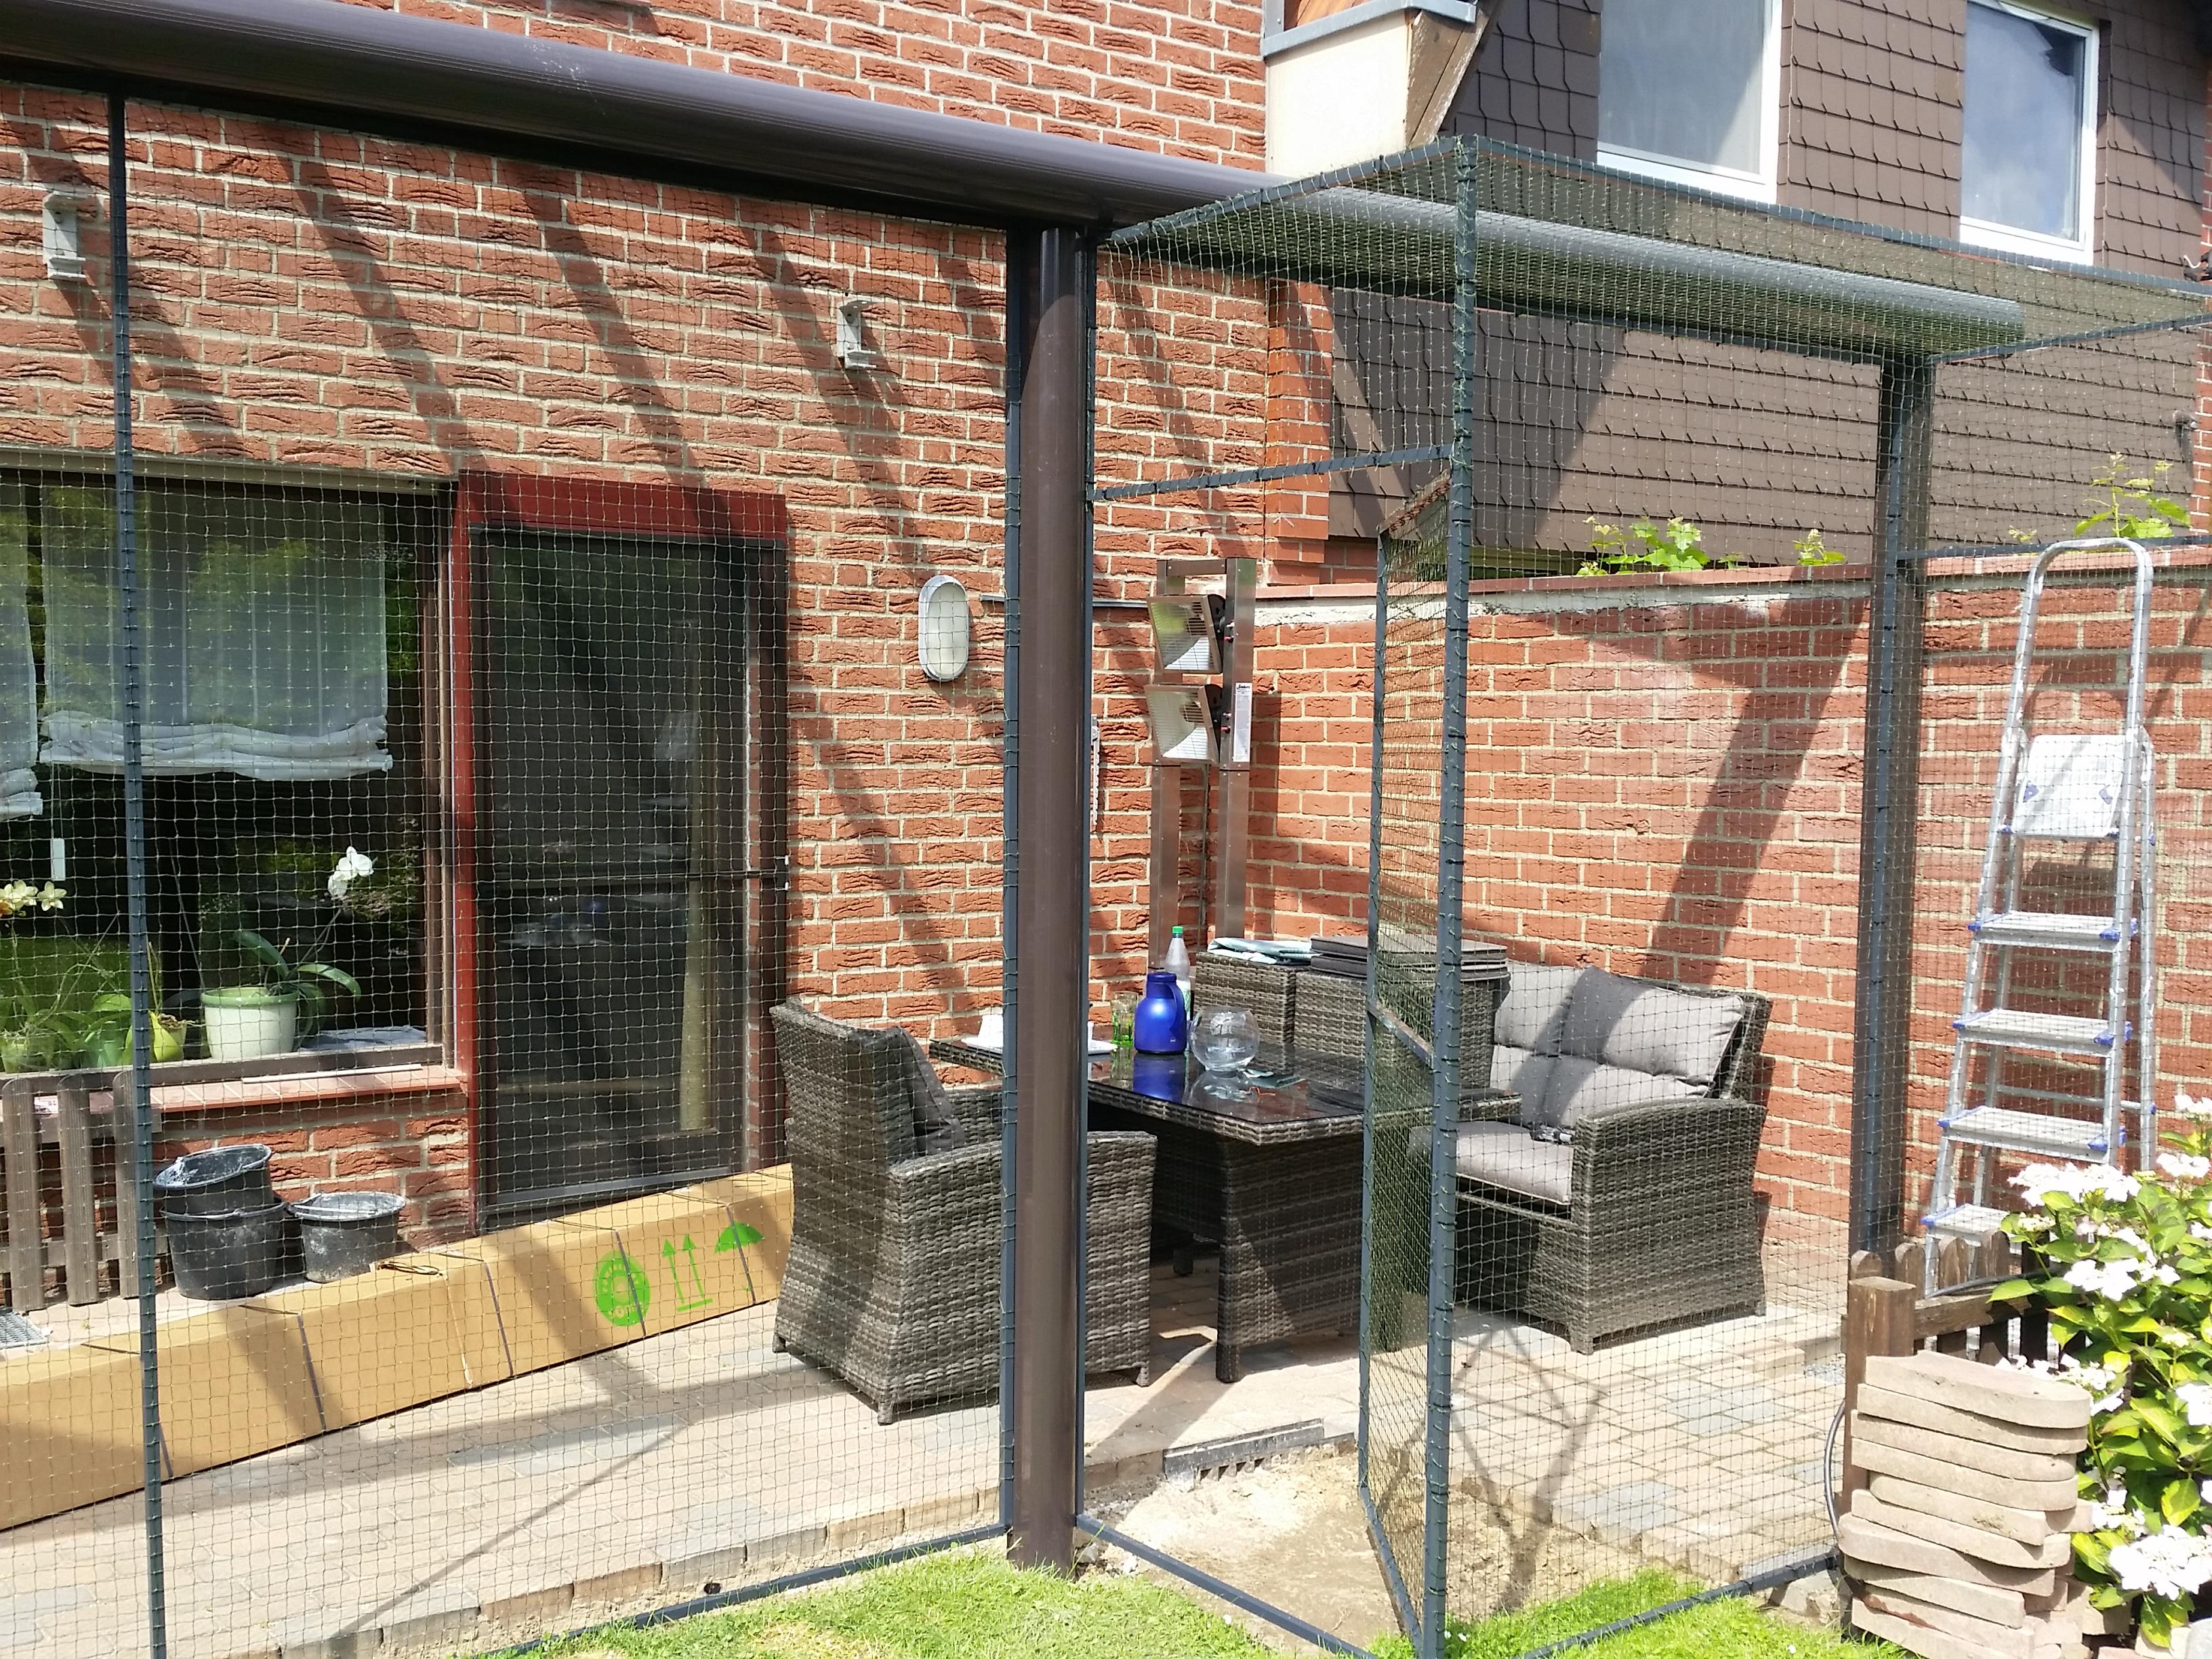 Katzengehege Auf Terrasse In Hannover Katzennetze Nrw Der